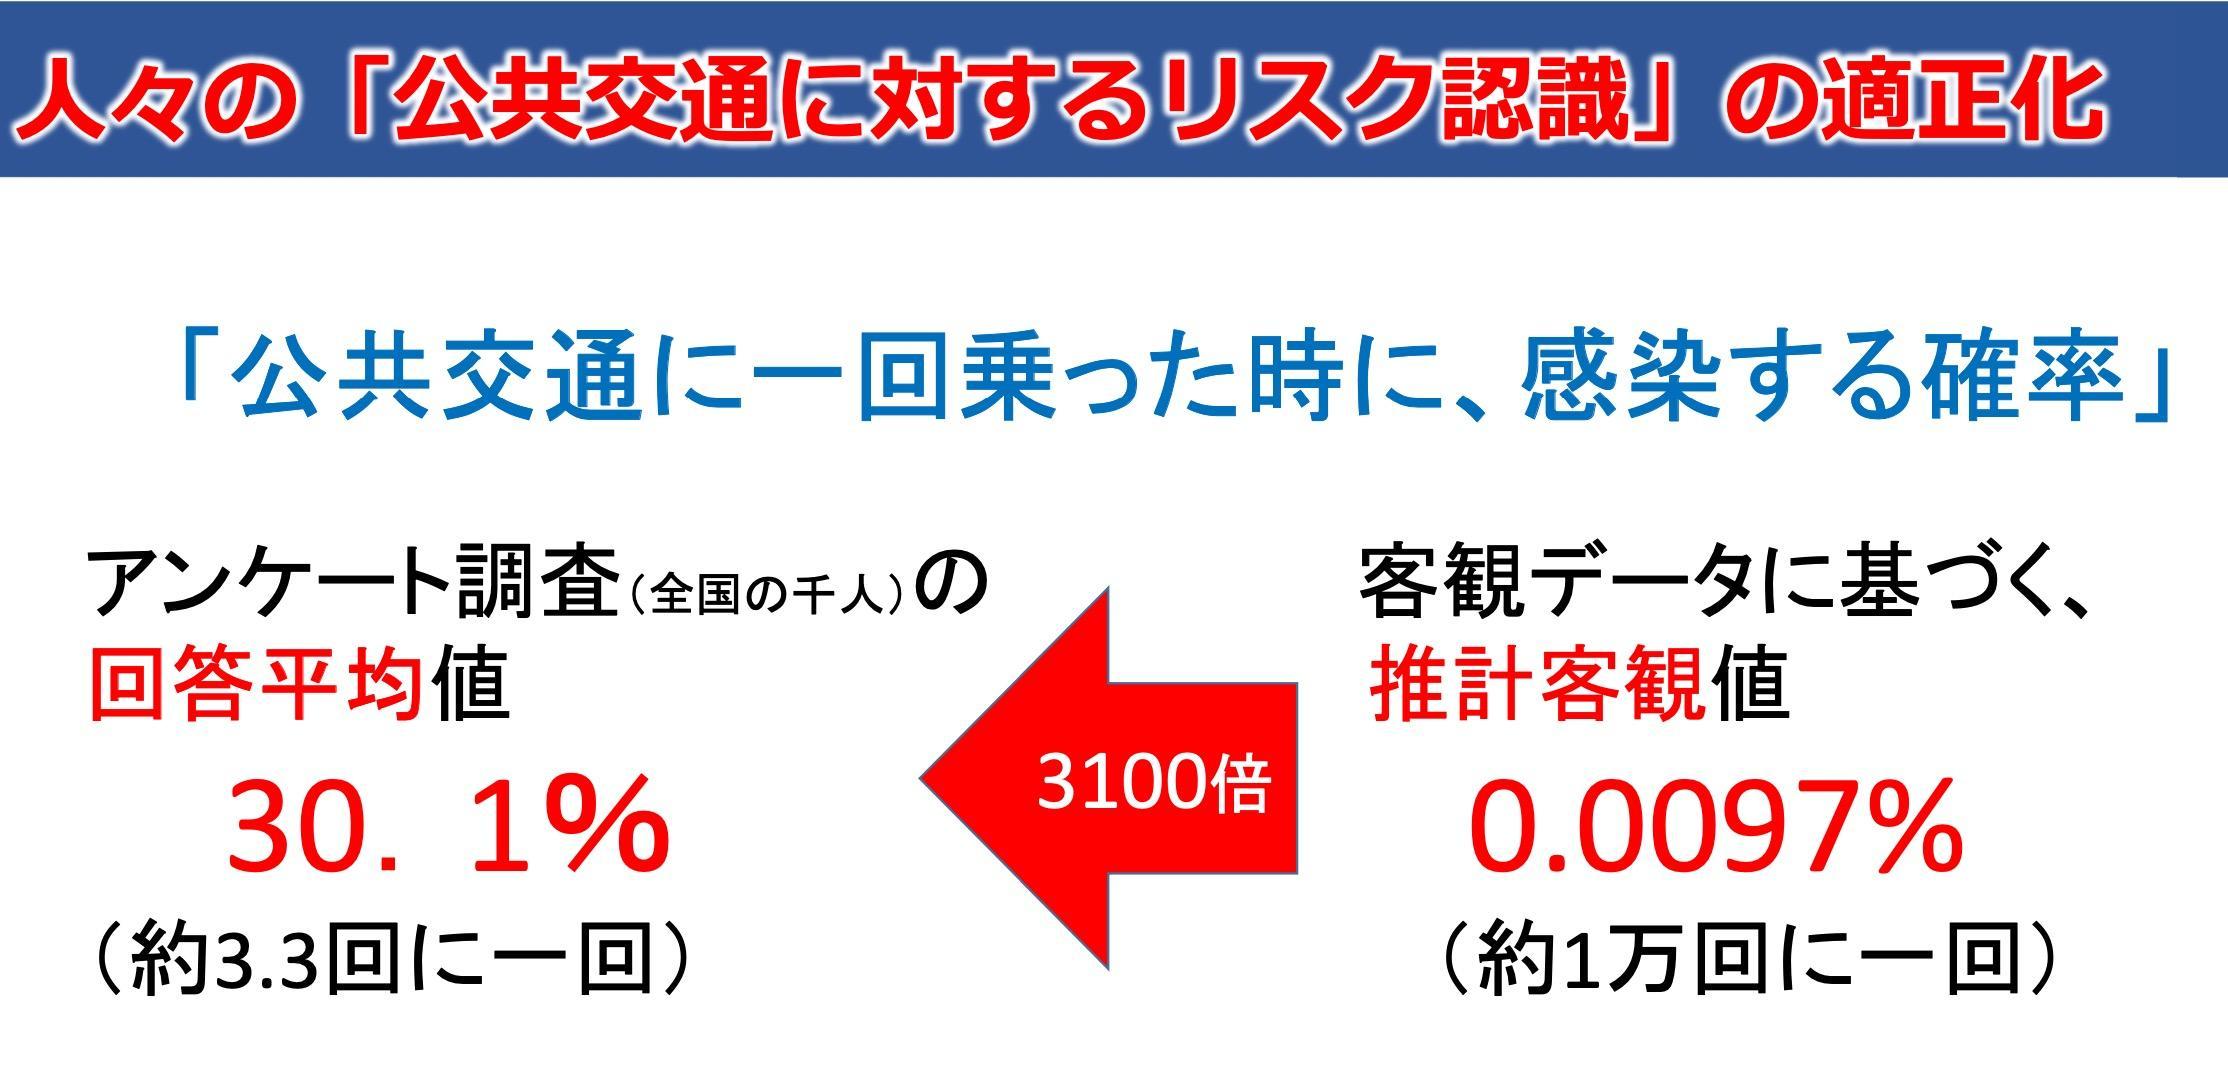 https://blogs.itmedia.co.jp/tooki/bb5982756b66601437a7565639f6eb4dd4b8f0db.jpg